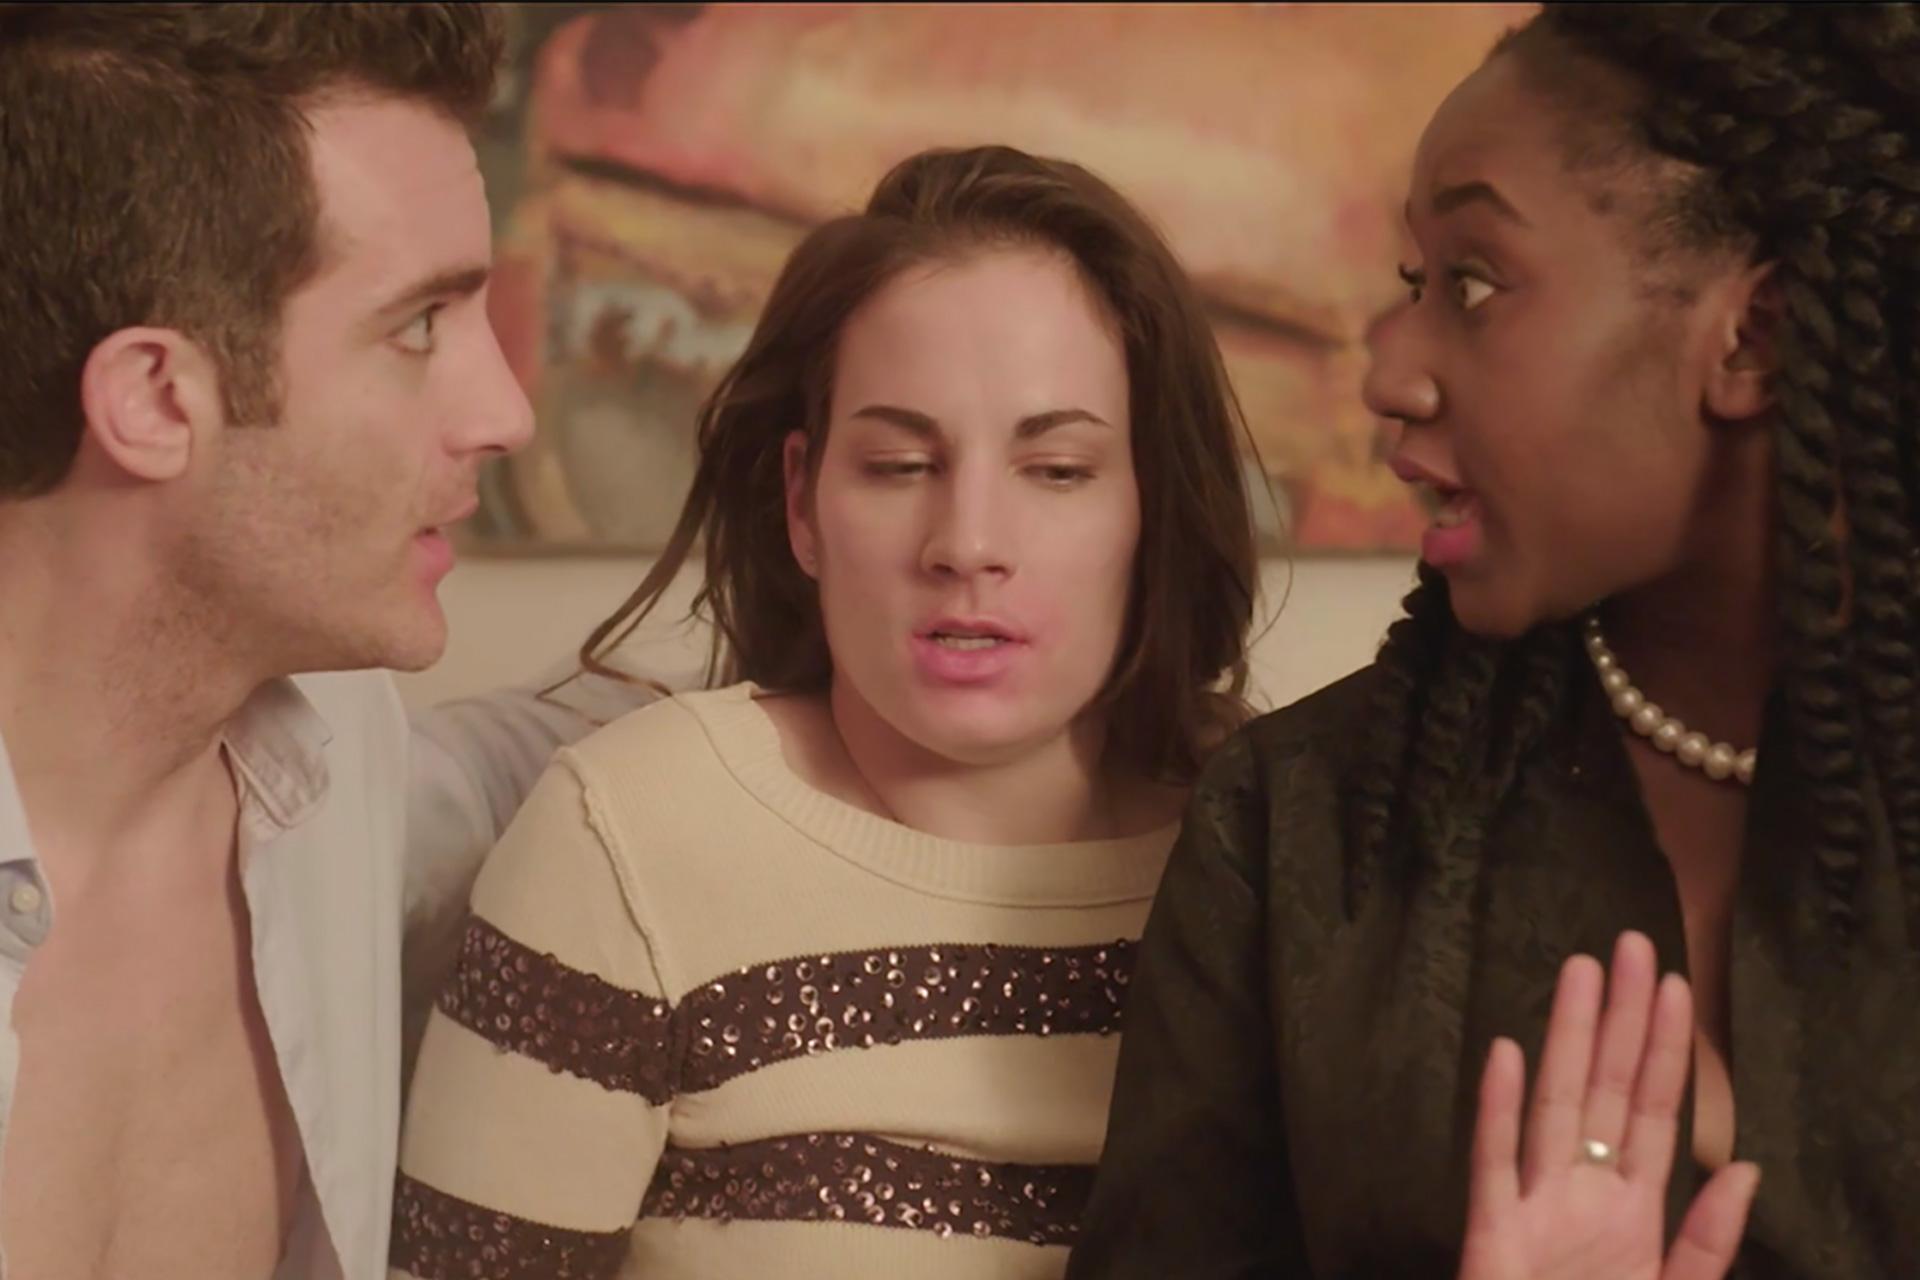 Poliamory sposato e frequentato S01E01 streaming gay incontri Harrisburg